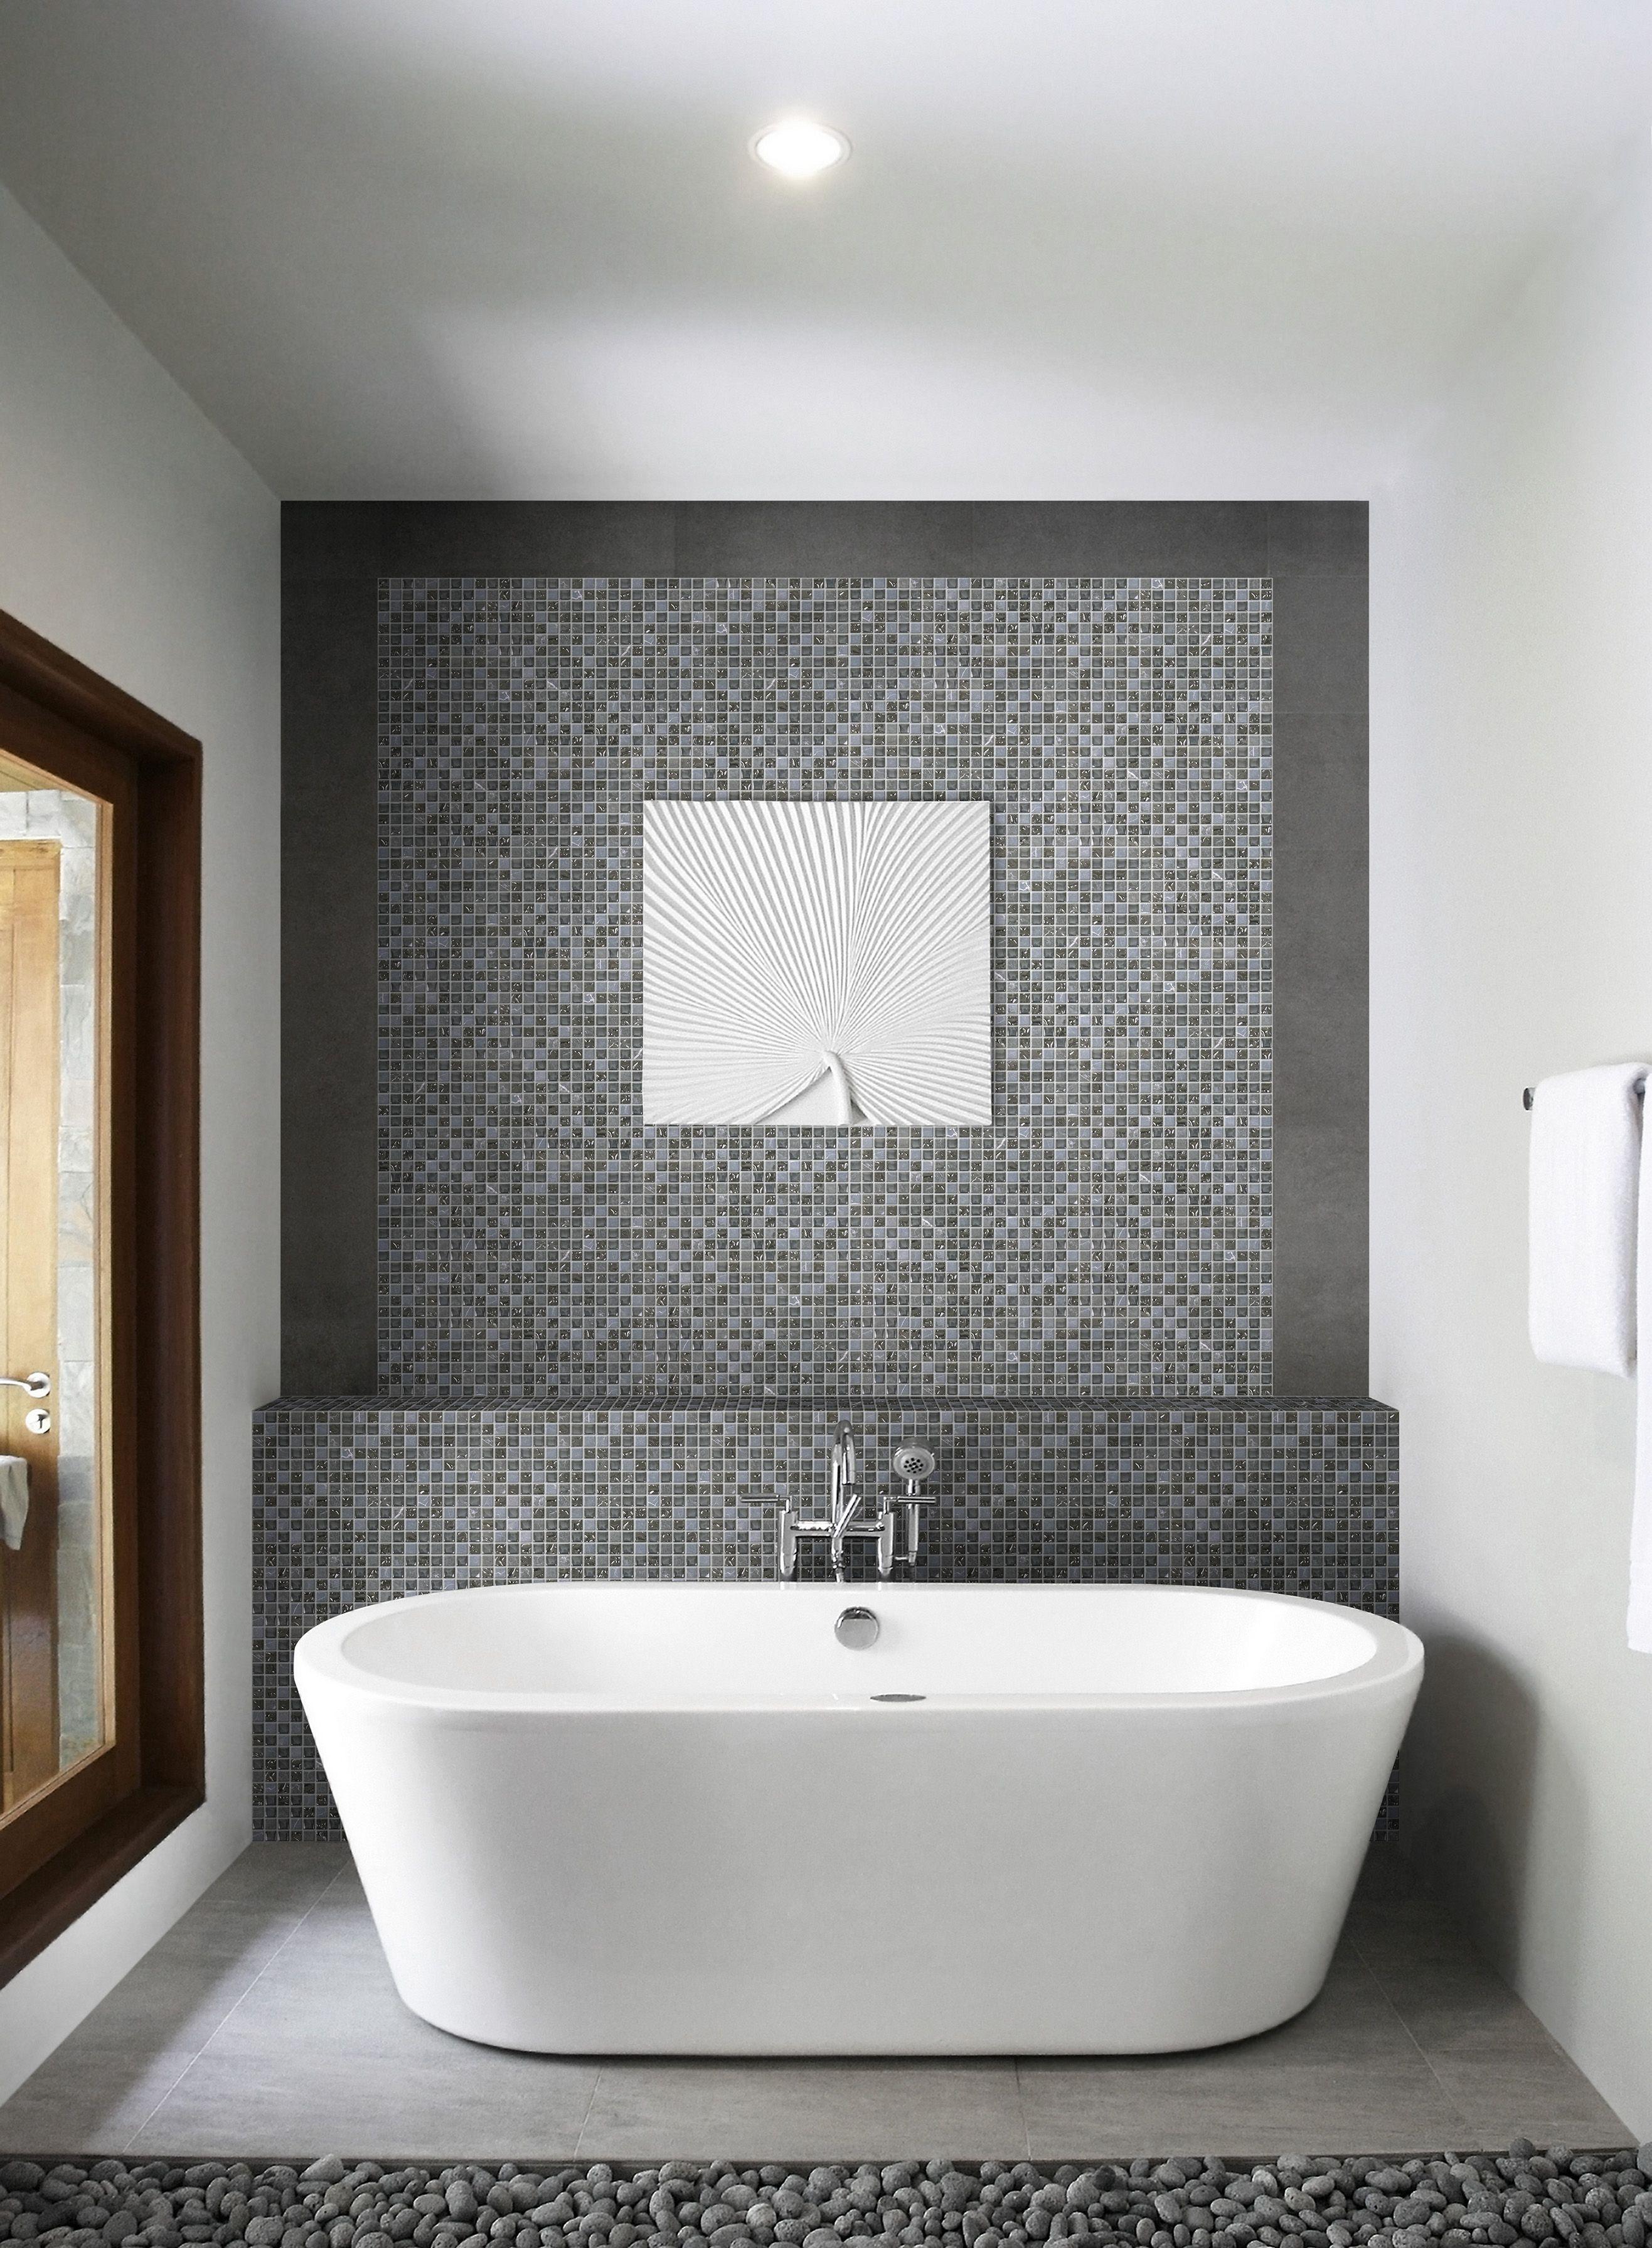 Jolie salle de bain avec mur du fond en mosa que - Carrelage noir brillant salle de bain ...